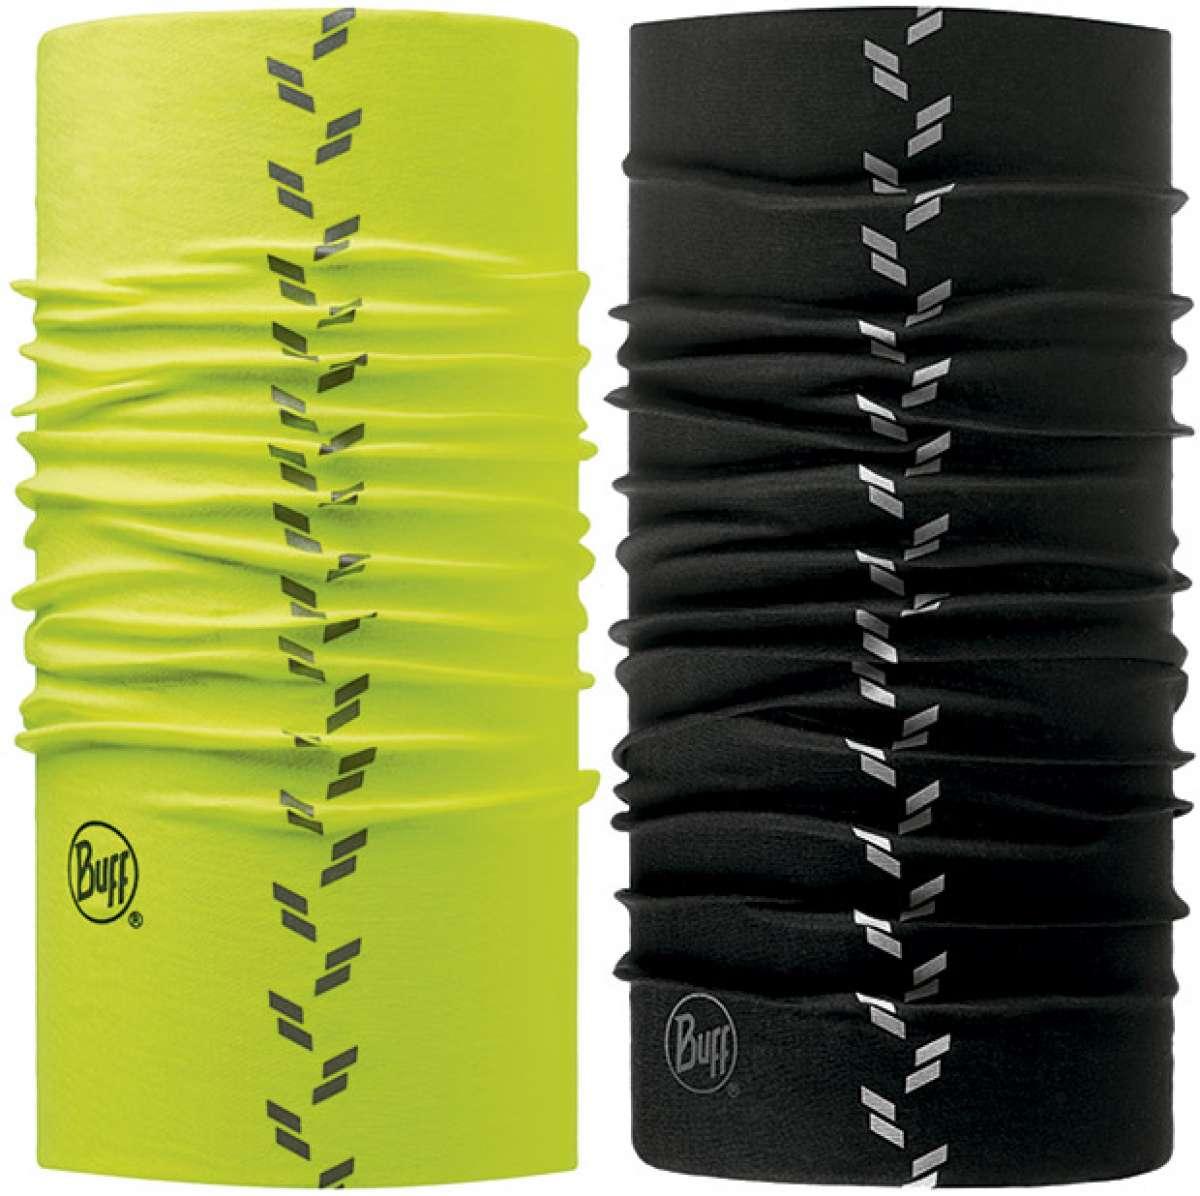 Reflective BUFF, nuevos tubulares de la marca para ganar visibilidad en la noche